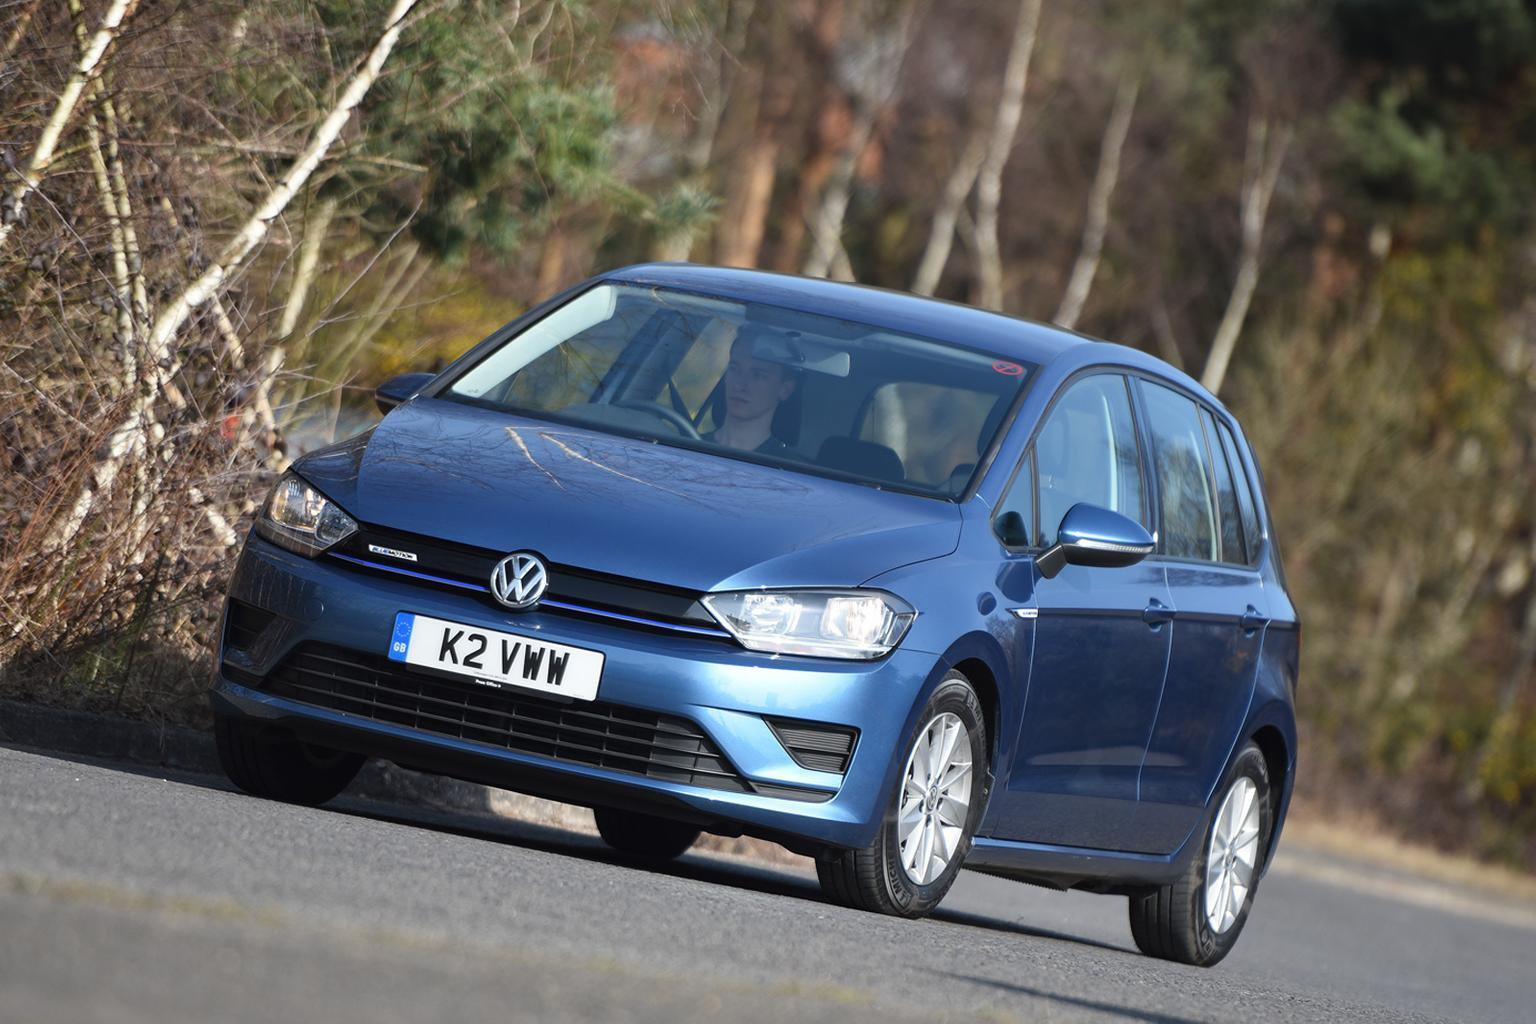 2015 Volkswagen Golf SV 1.6 TDI 110 Bluemotion review